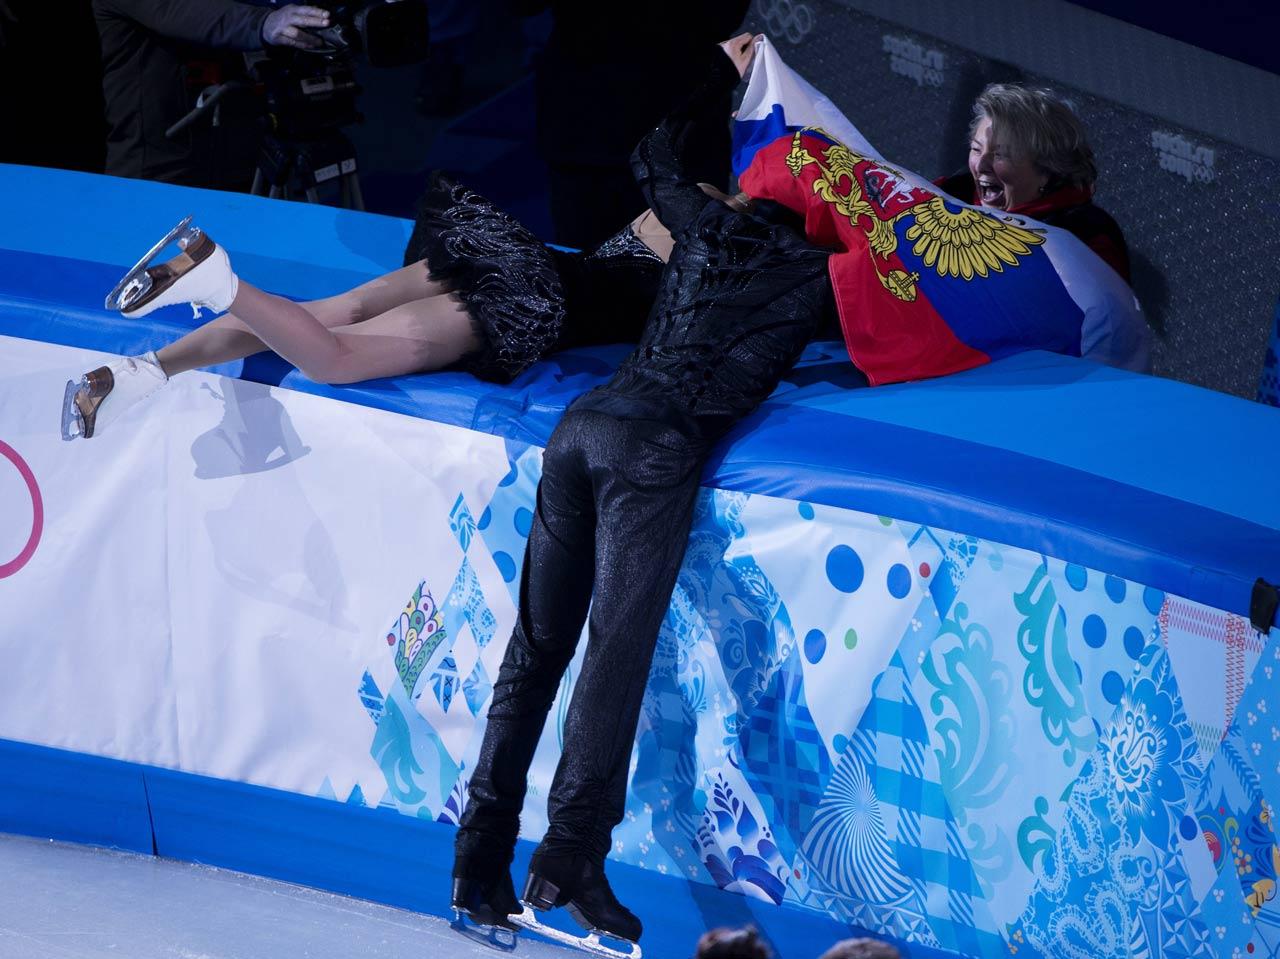 Elena Ilinykh and Nikita Katsalapov of Russia won the bronze medal.